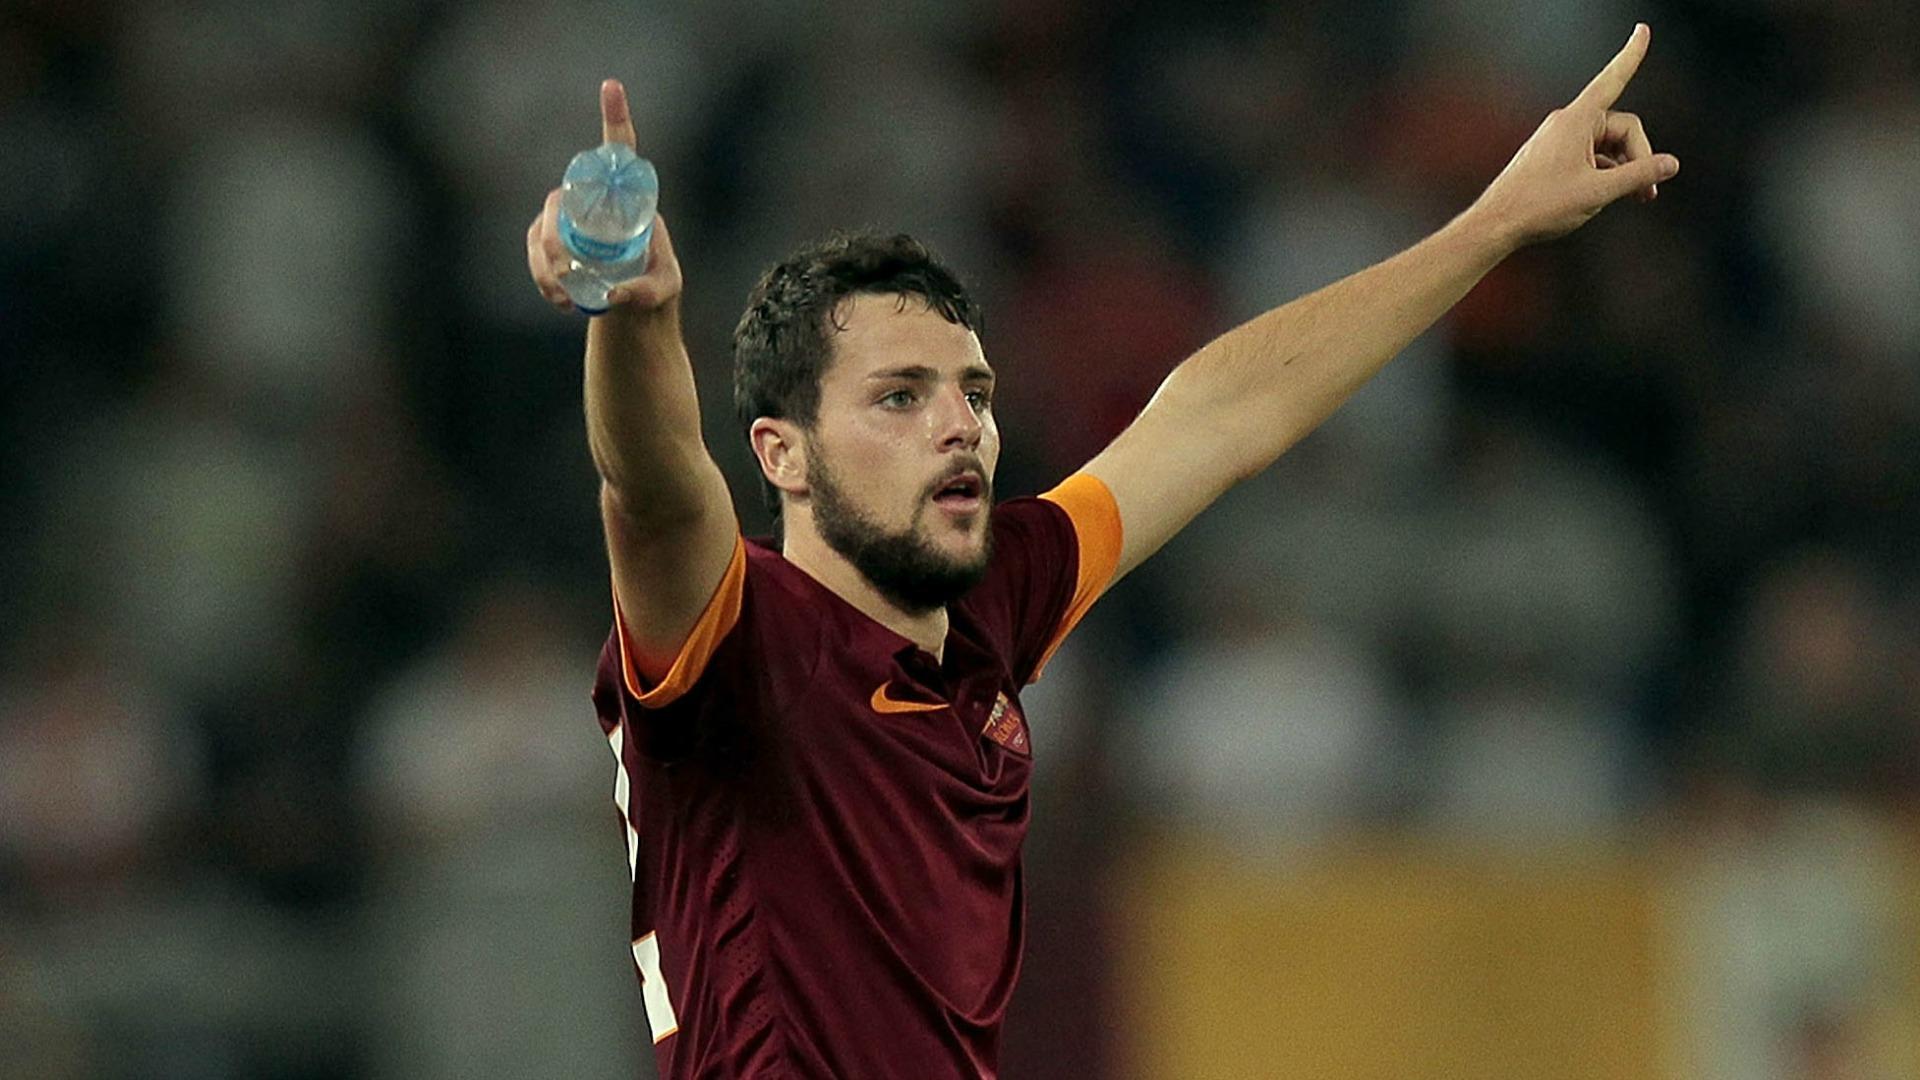 foto: www.calcioefinanza.it